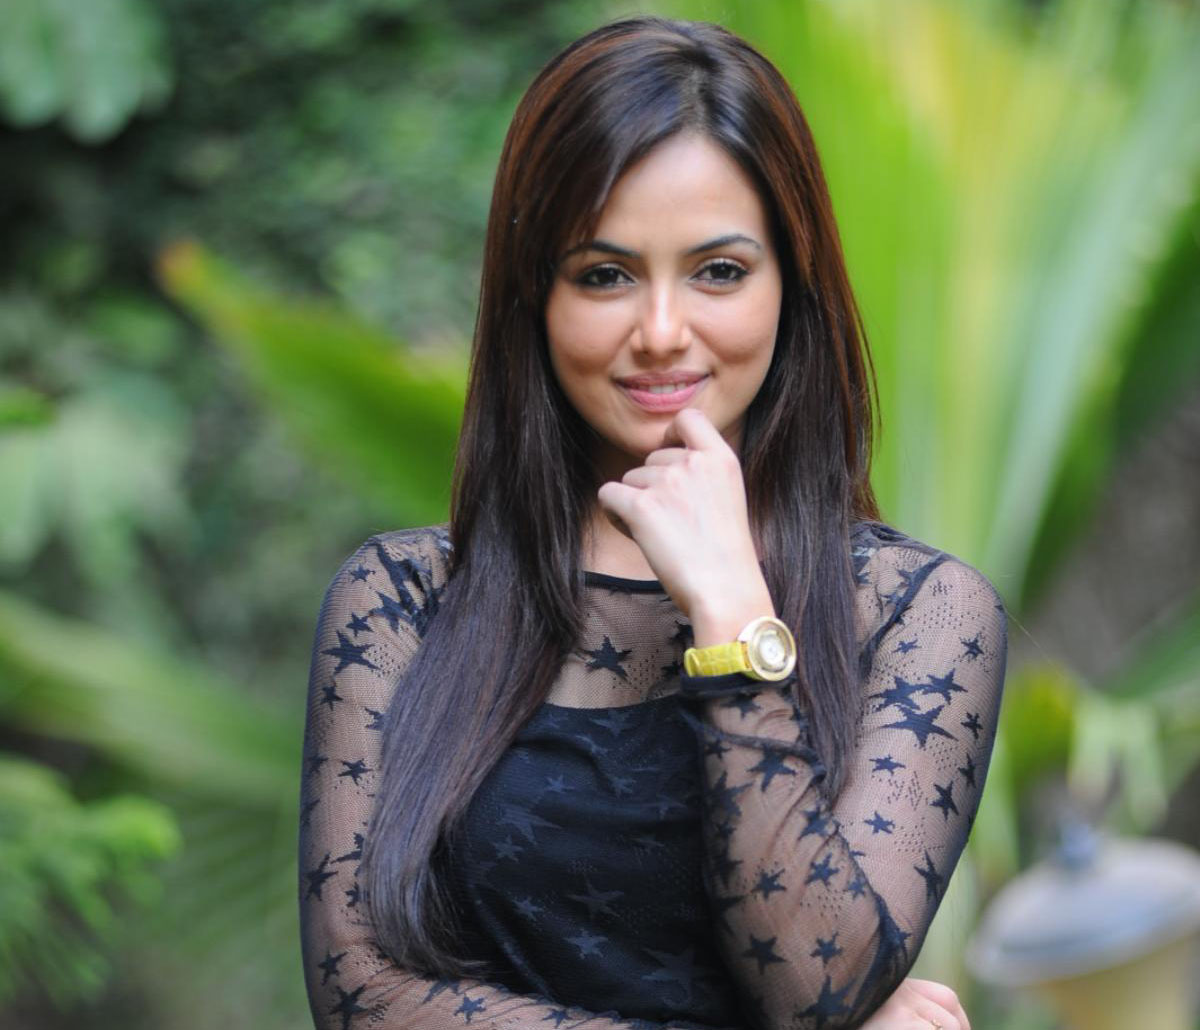 Sana Khan Photo shoot in Jai Ho 2014 Movie